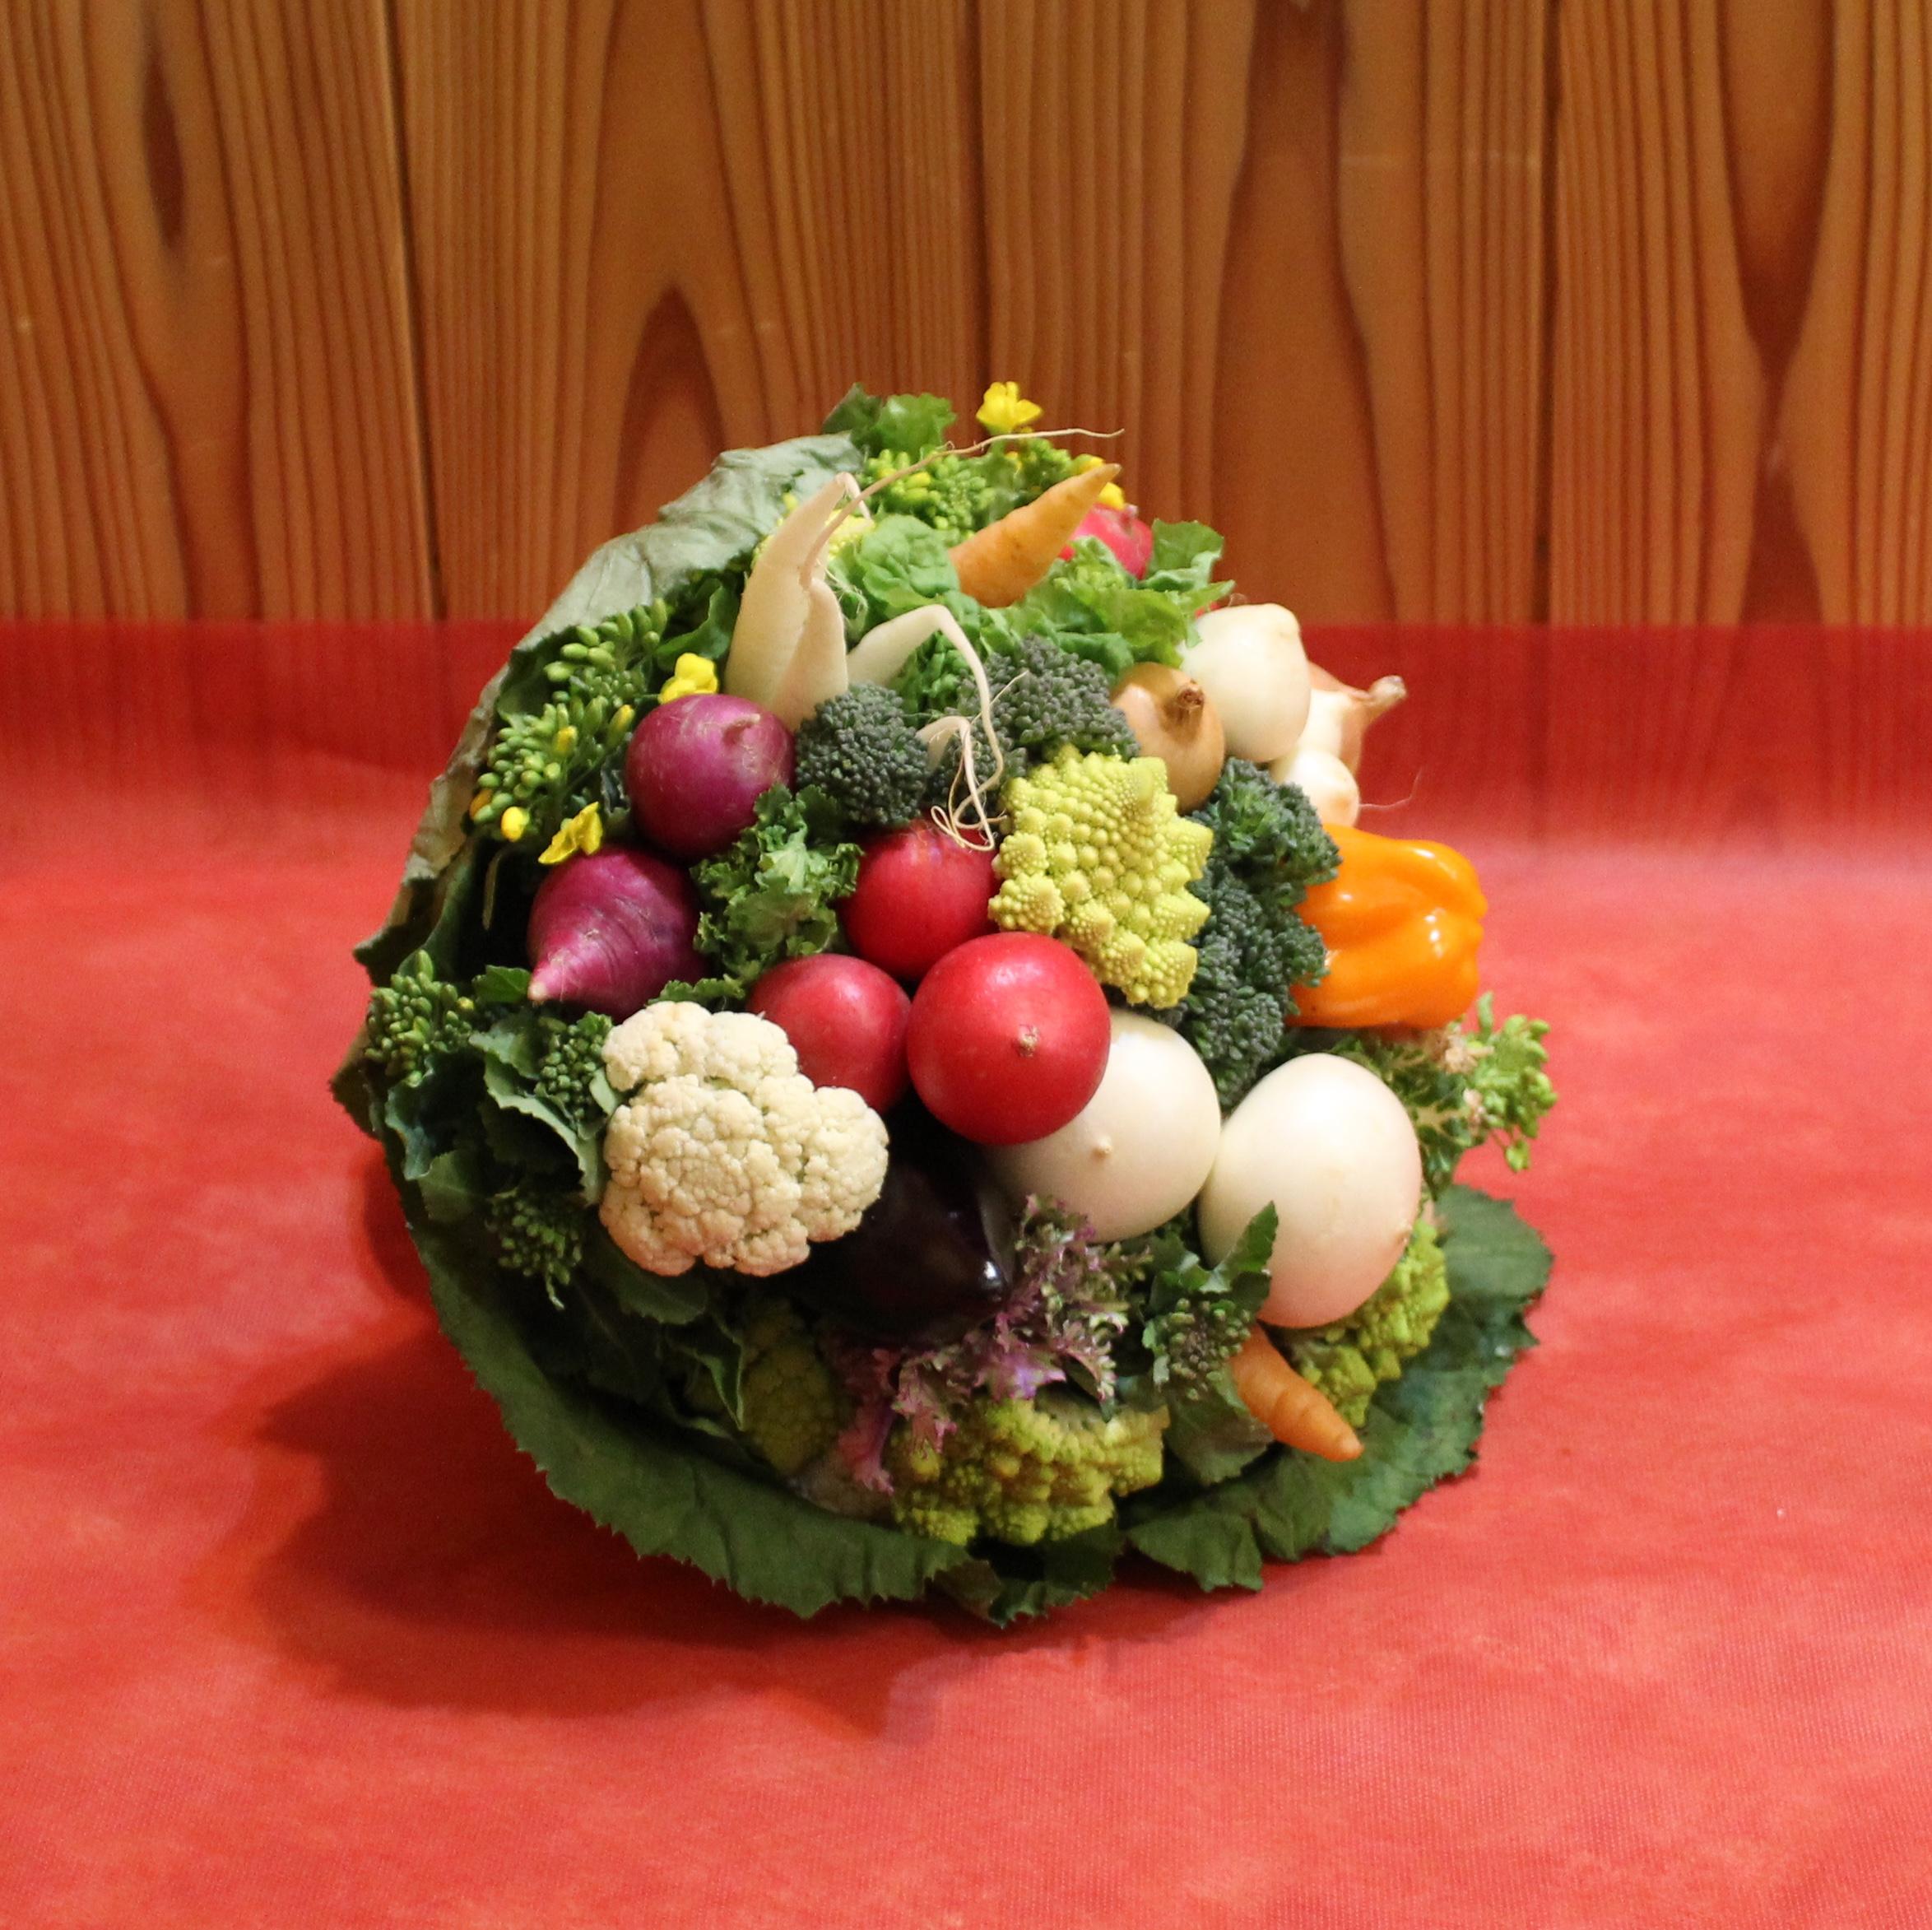 母の日はいつもと違う楽しくて可愛くて美味しいプレゼント、新鮮な野菜の『食いしん坊のブーケ』を